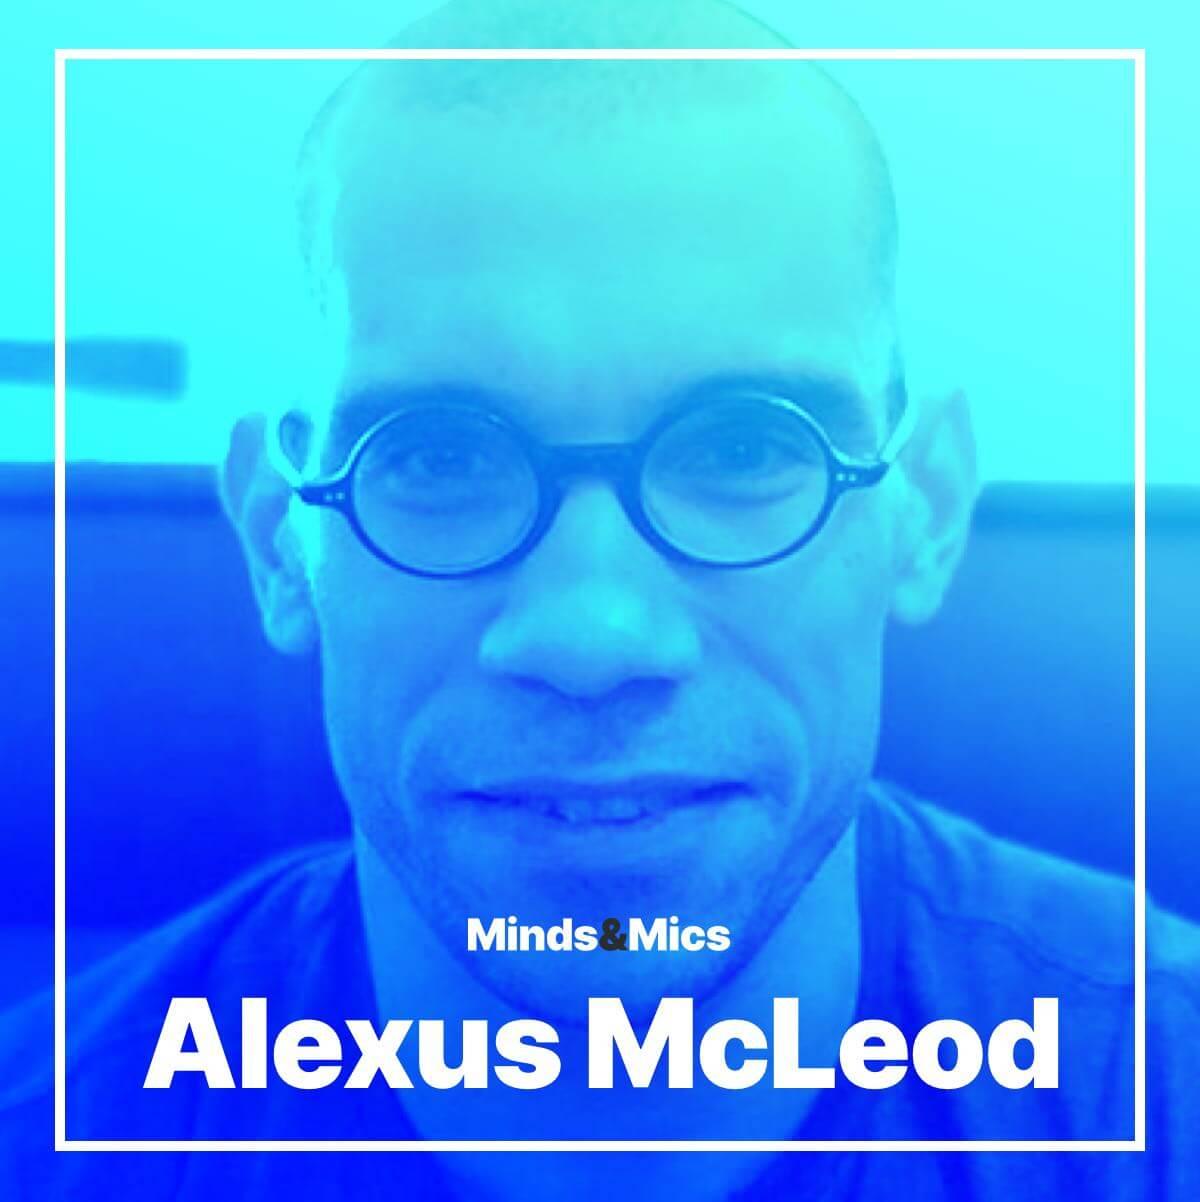 Alexus McLeod Minds and Mics Wignall